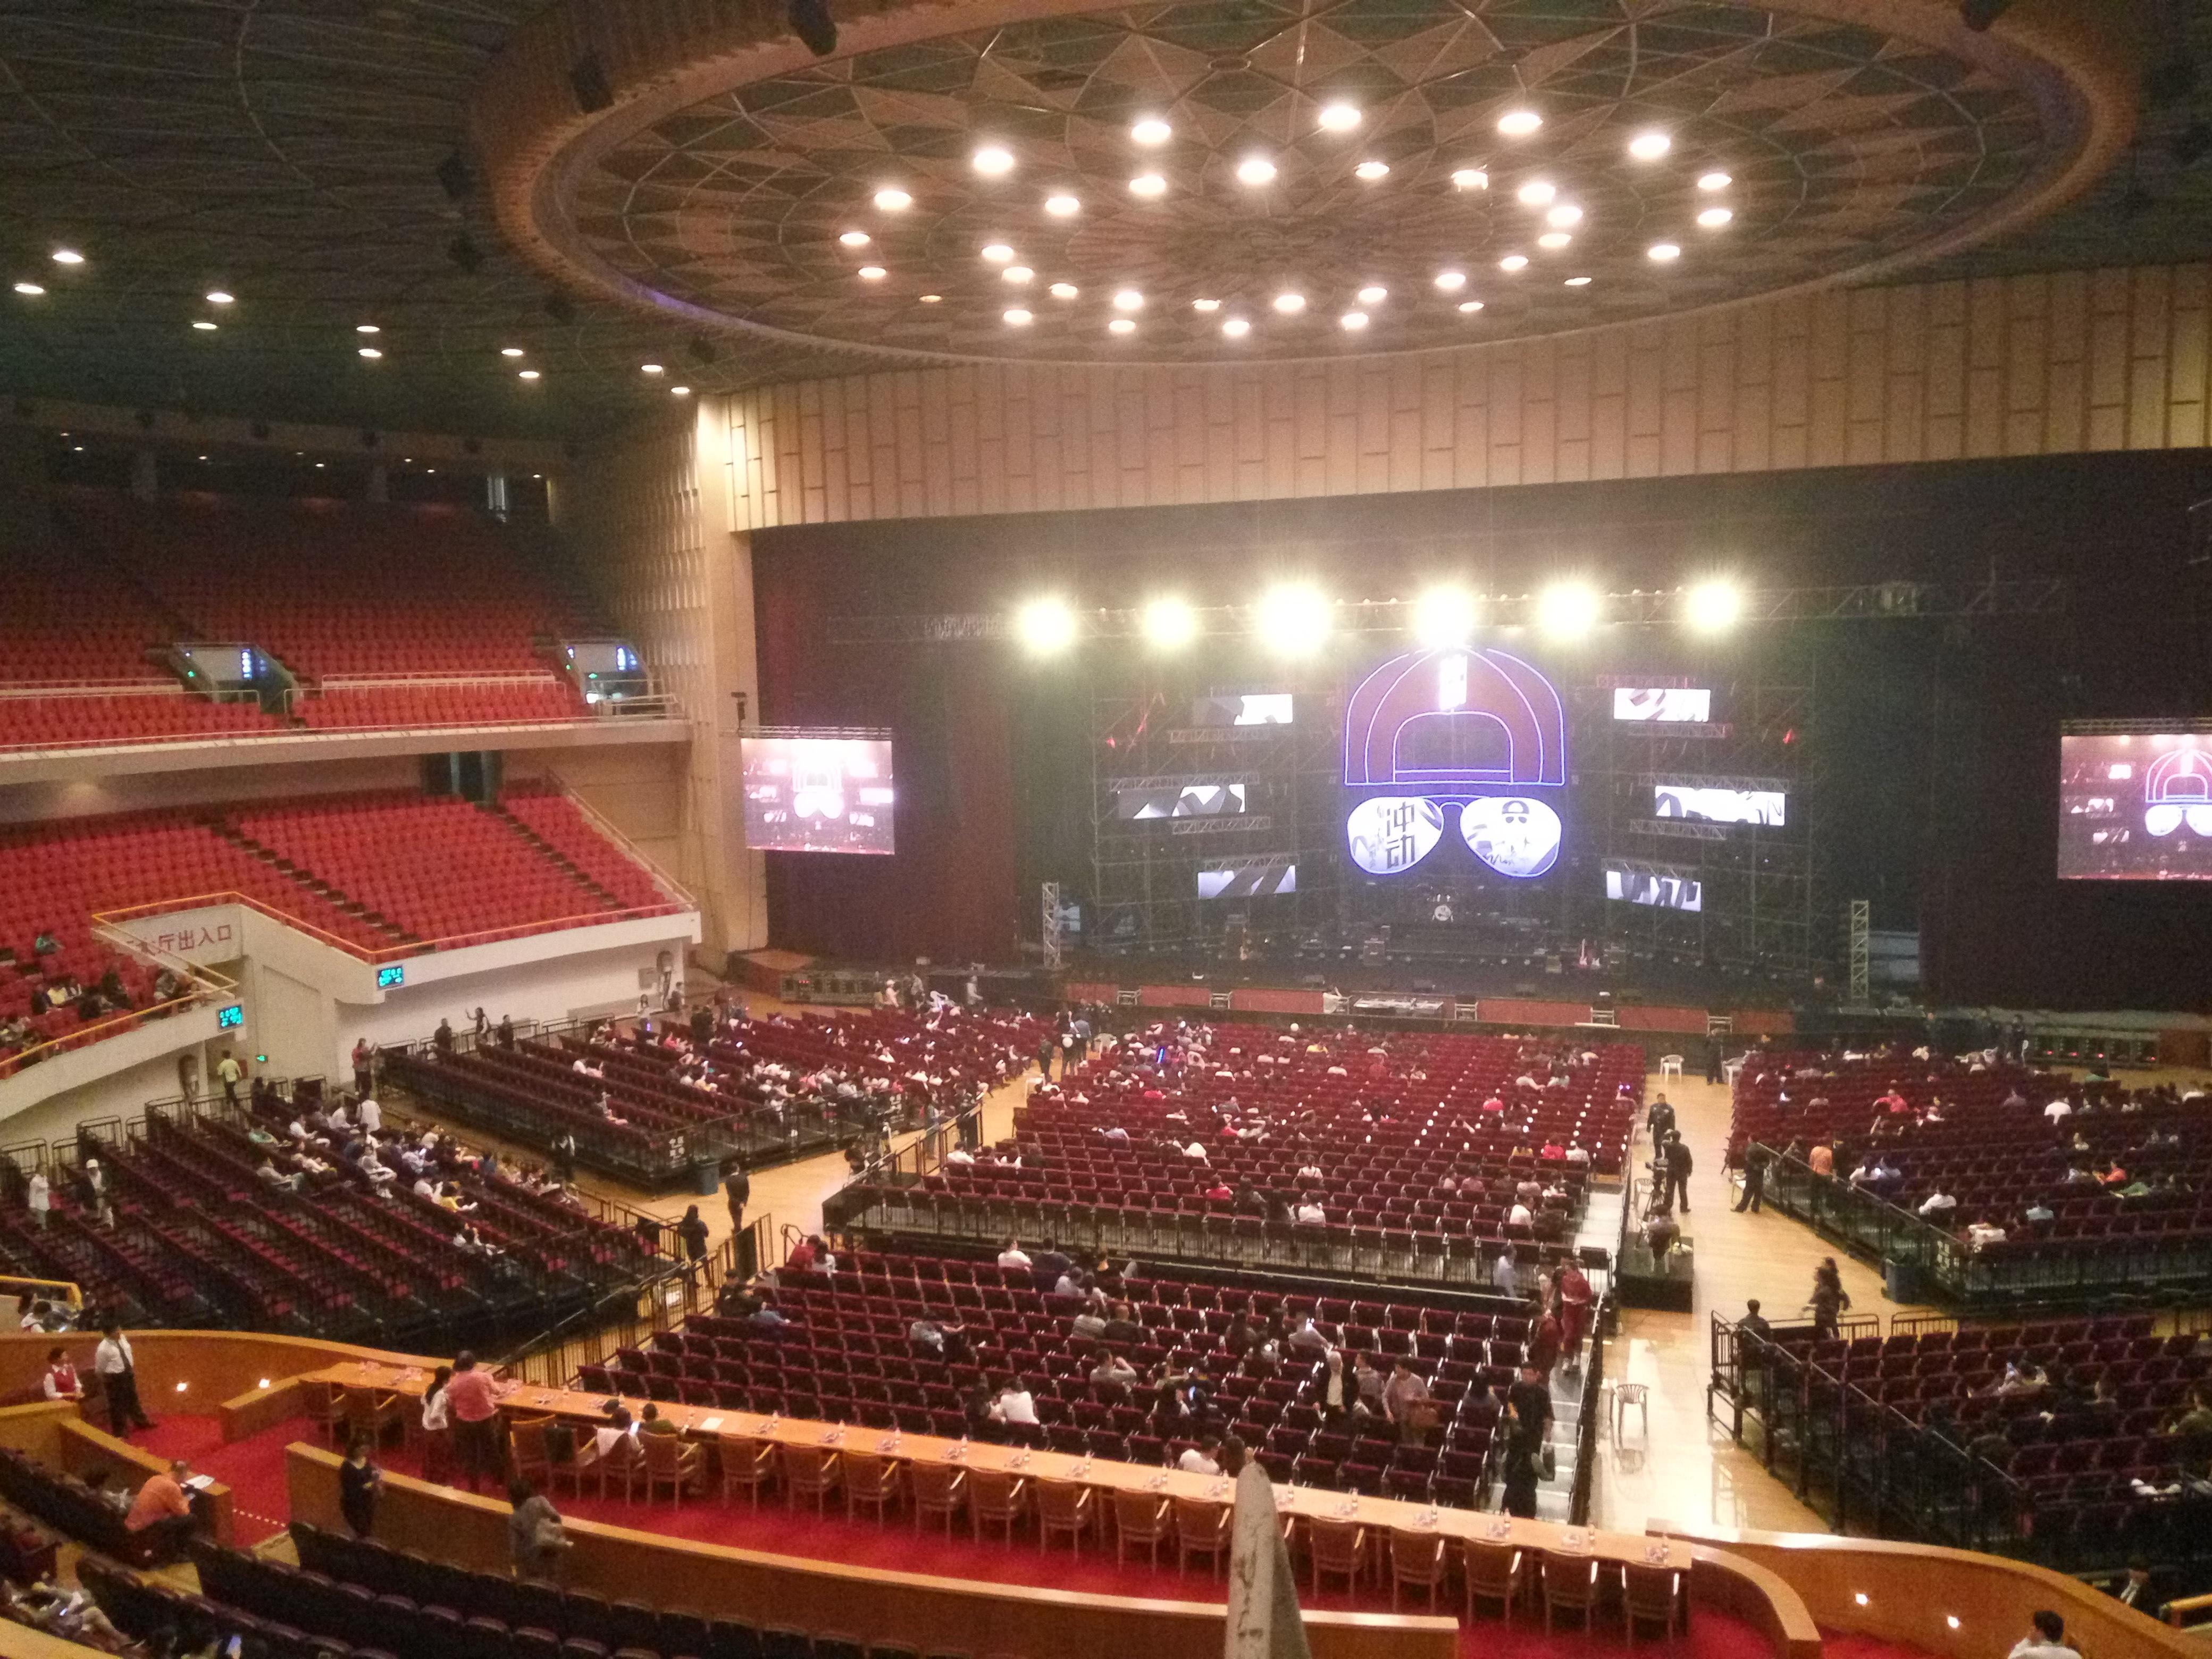 上海体育馆(上海大舞台)下体初中男孩的图片